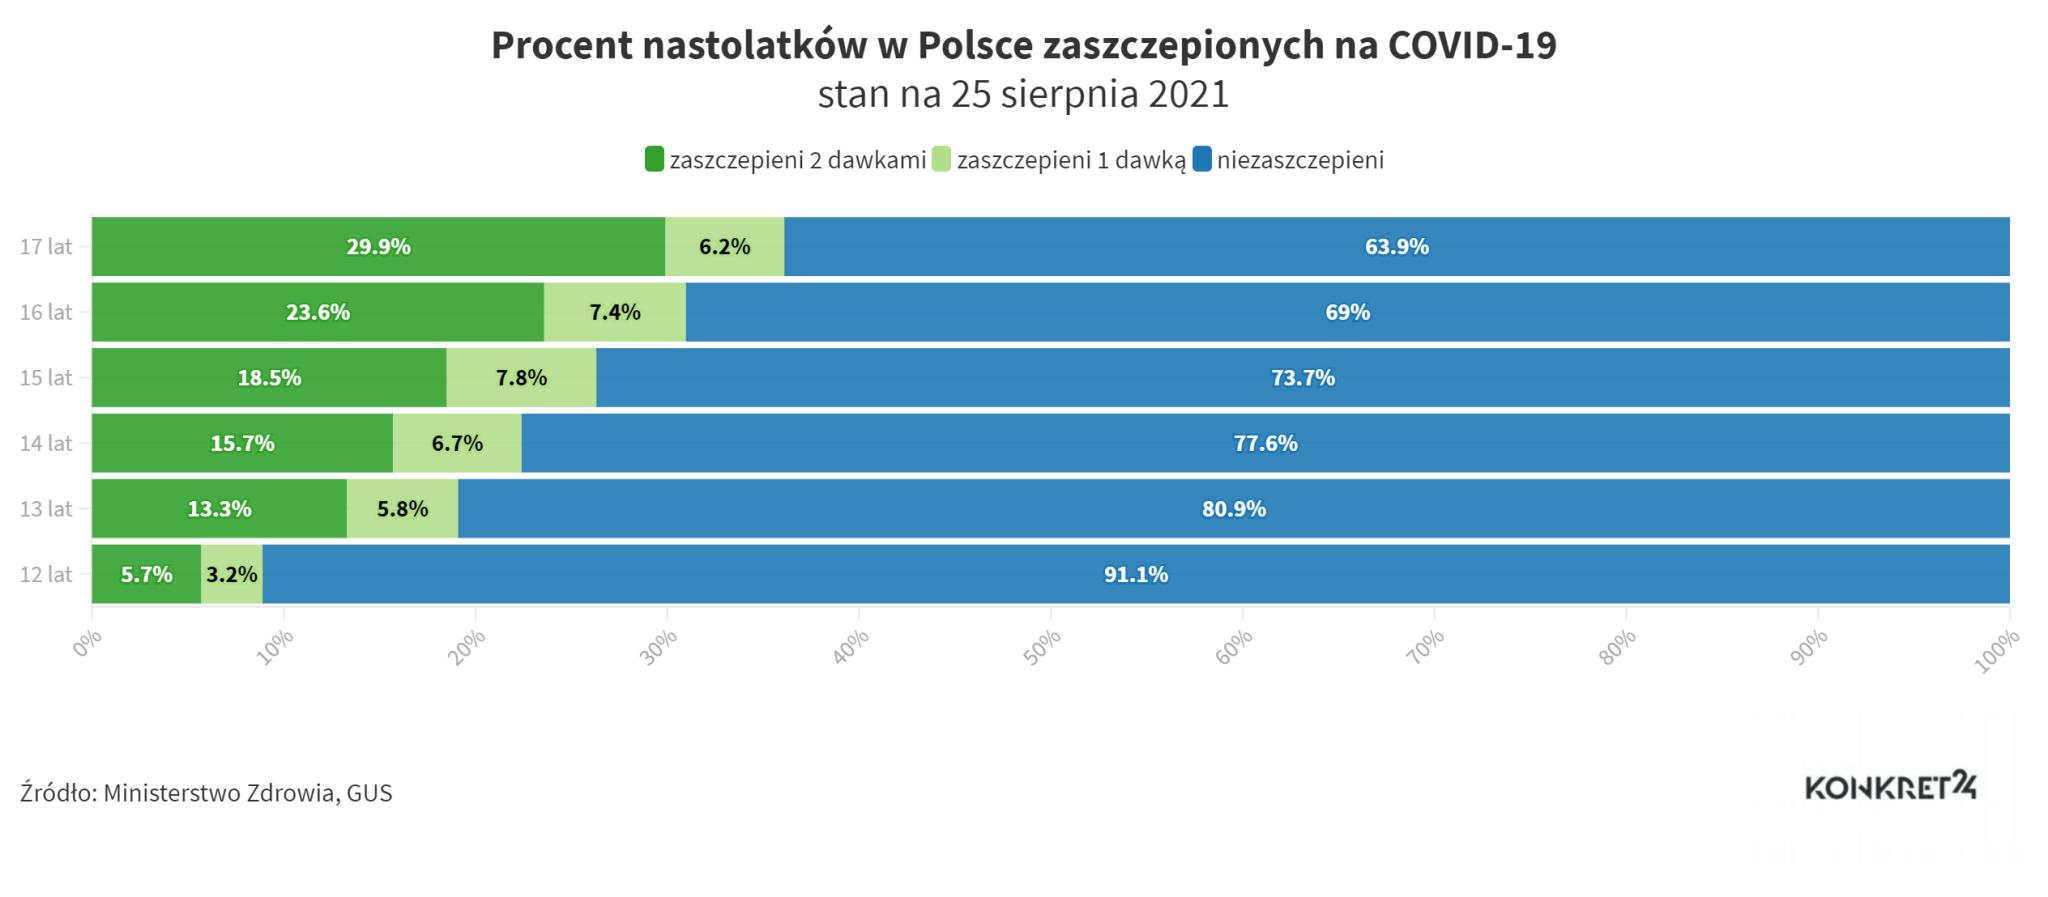 Procent nastolatków w Polsce zaszczepionych na COVID-19 (stan na 25 sierpnia 2021)